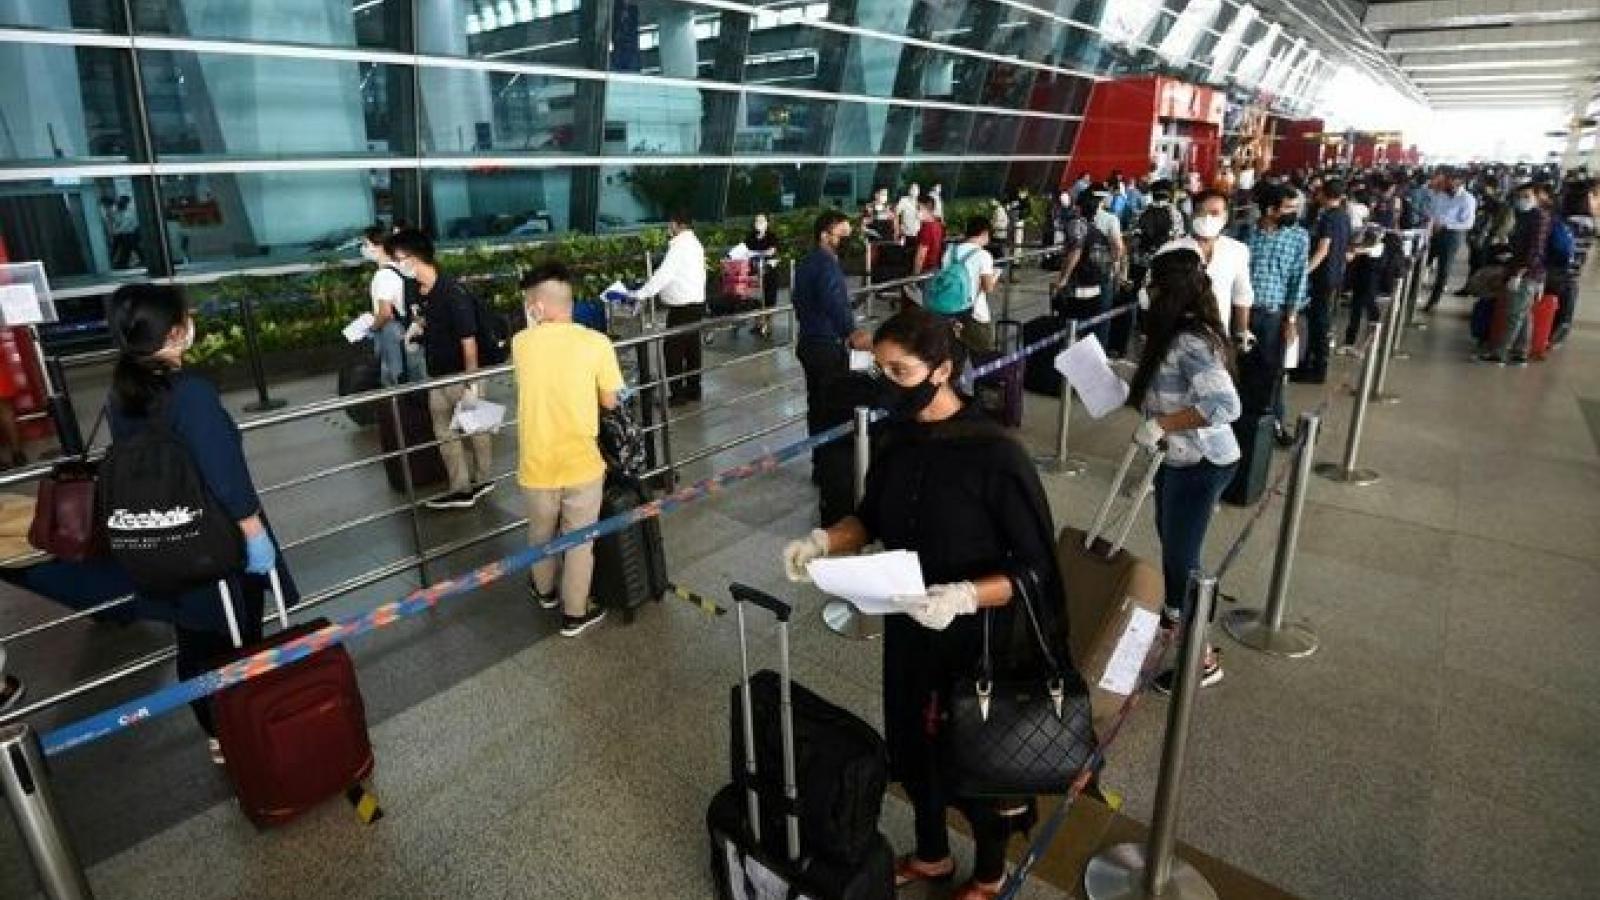 Hàng trăm công dân Hàn Quốc trở về từ vùng dịch Covid-19 Ấn Độ